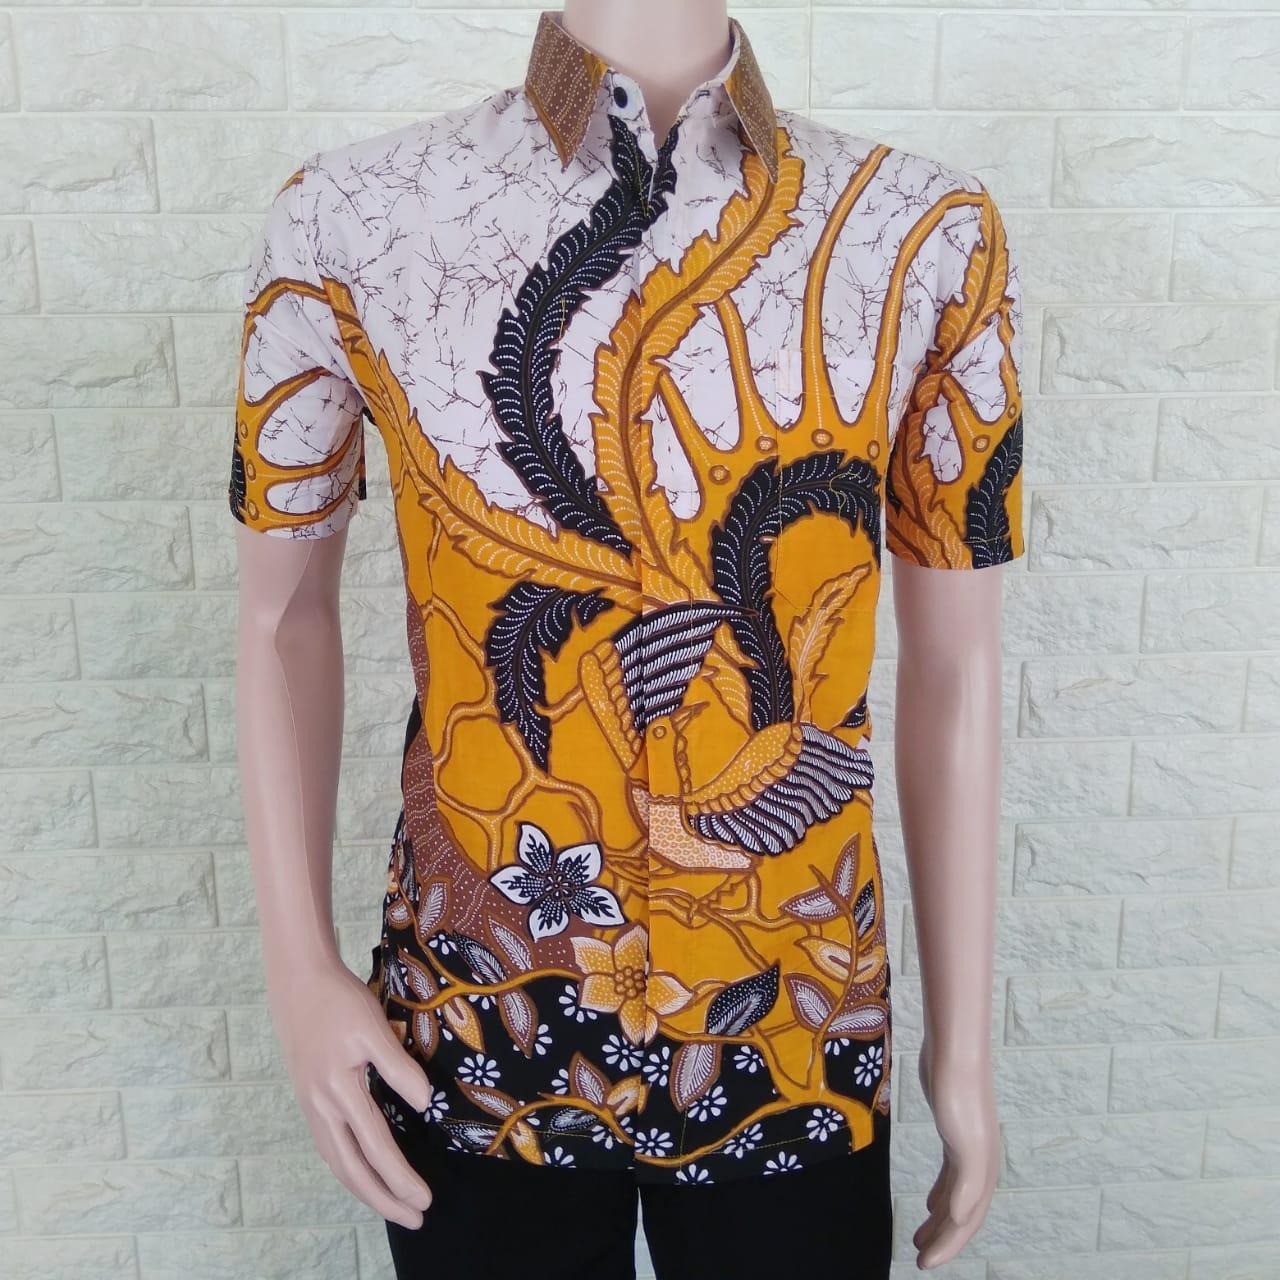 Kemeja Batik Pria Lengan Pendek / Baju Batik Pria Lengan Pendek Kombinasi / Baju Batik Pria Casual Modern Termurah / Batik Pria Kombinasi / Azka Batik